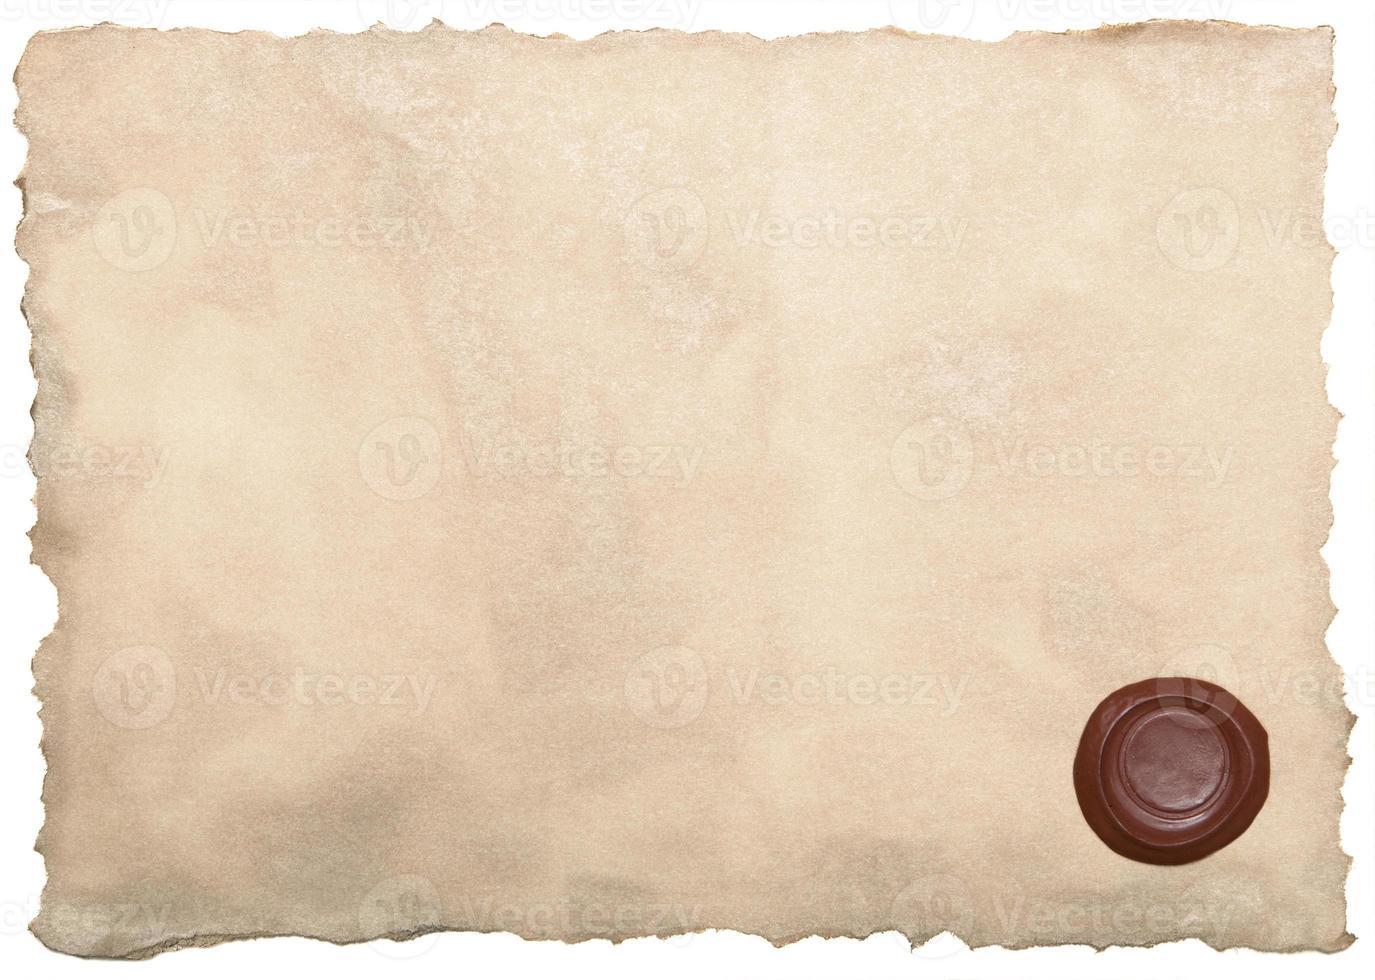 papel velho com selo de cera isolado no branco foto